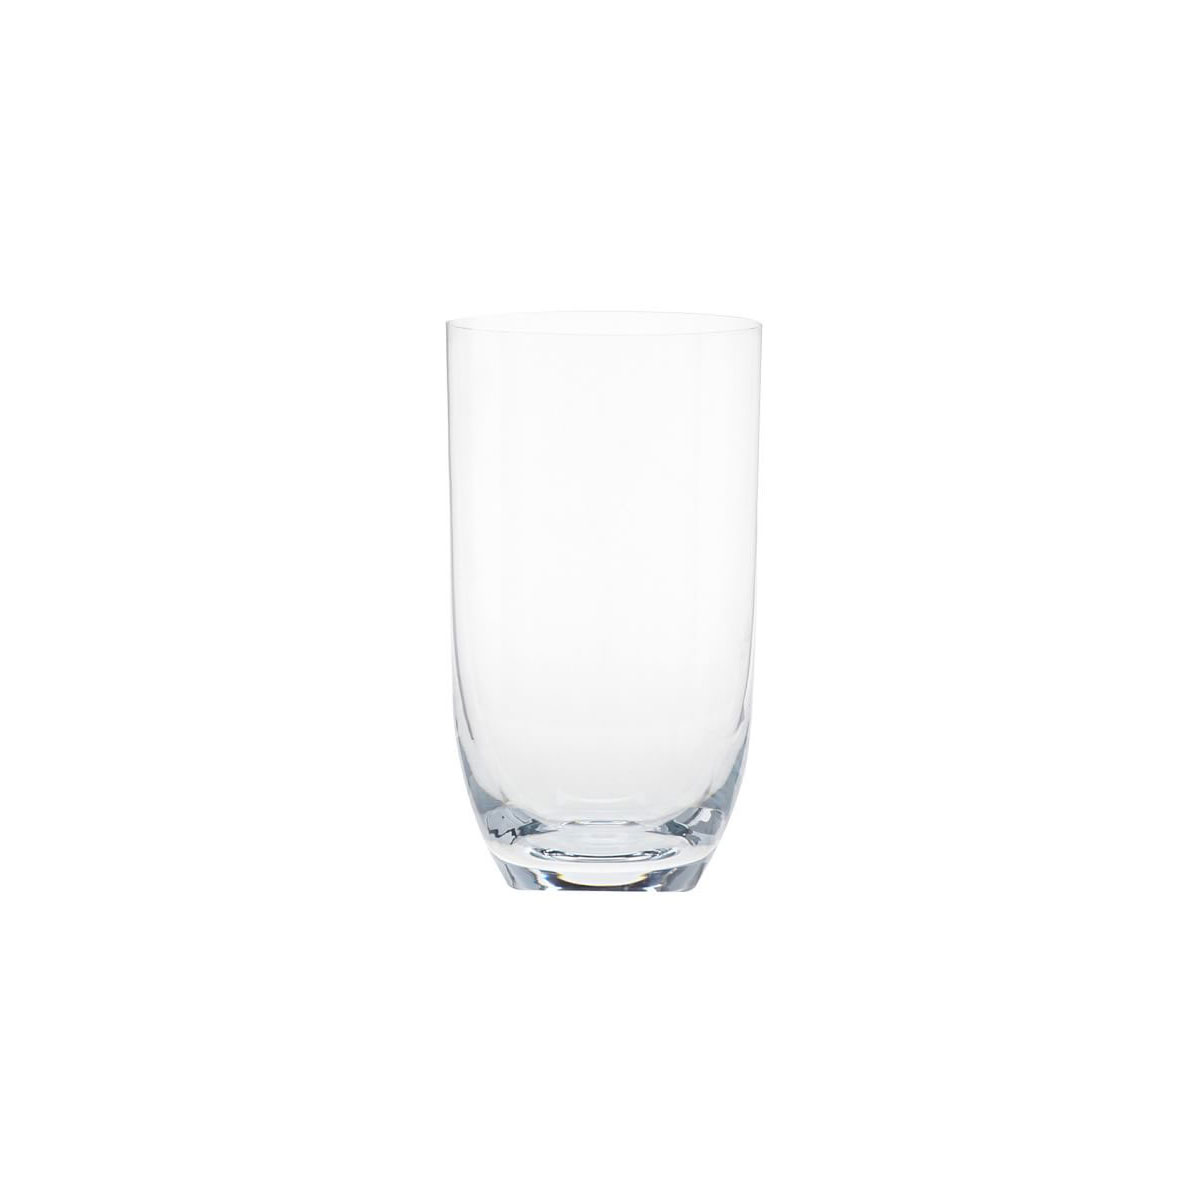 Schott Zwiesel Tritan Crystal, Audrey Long Drink, Single